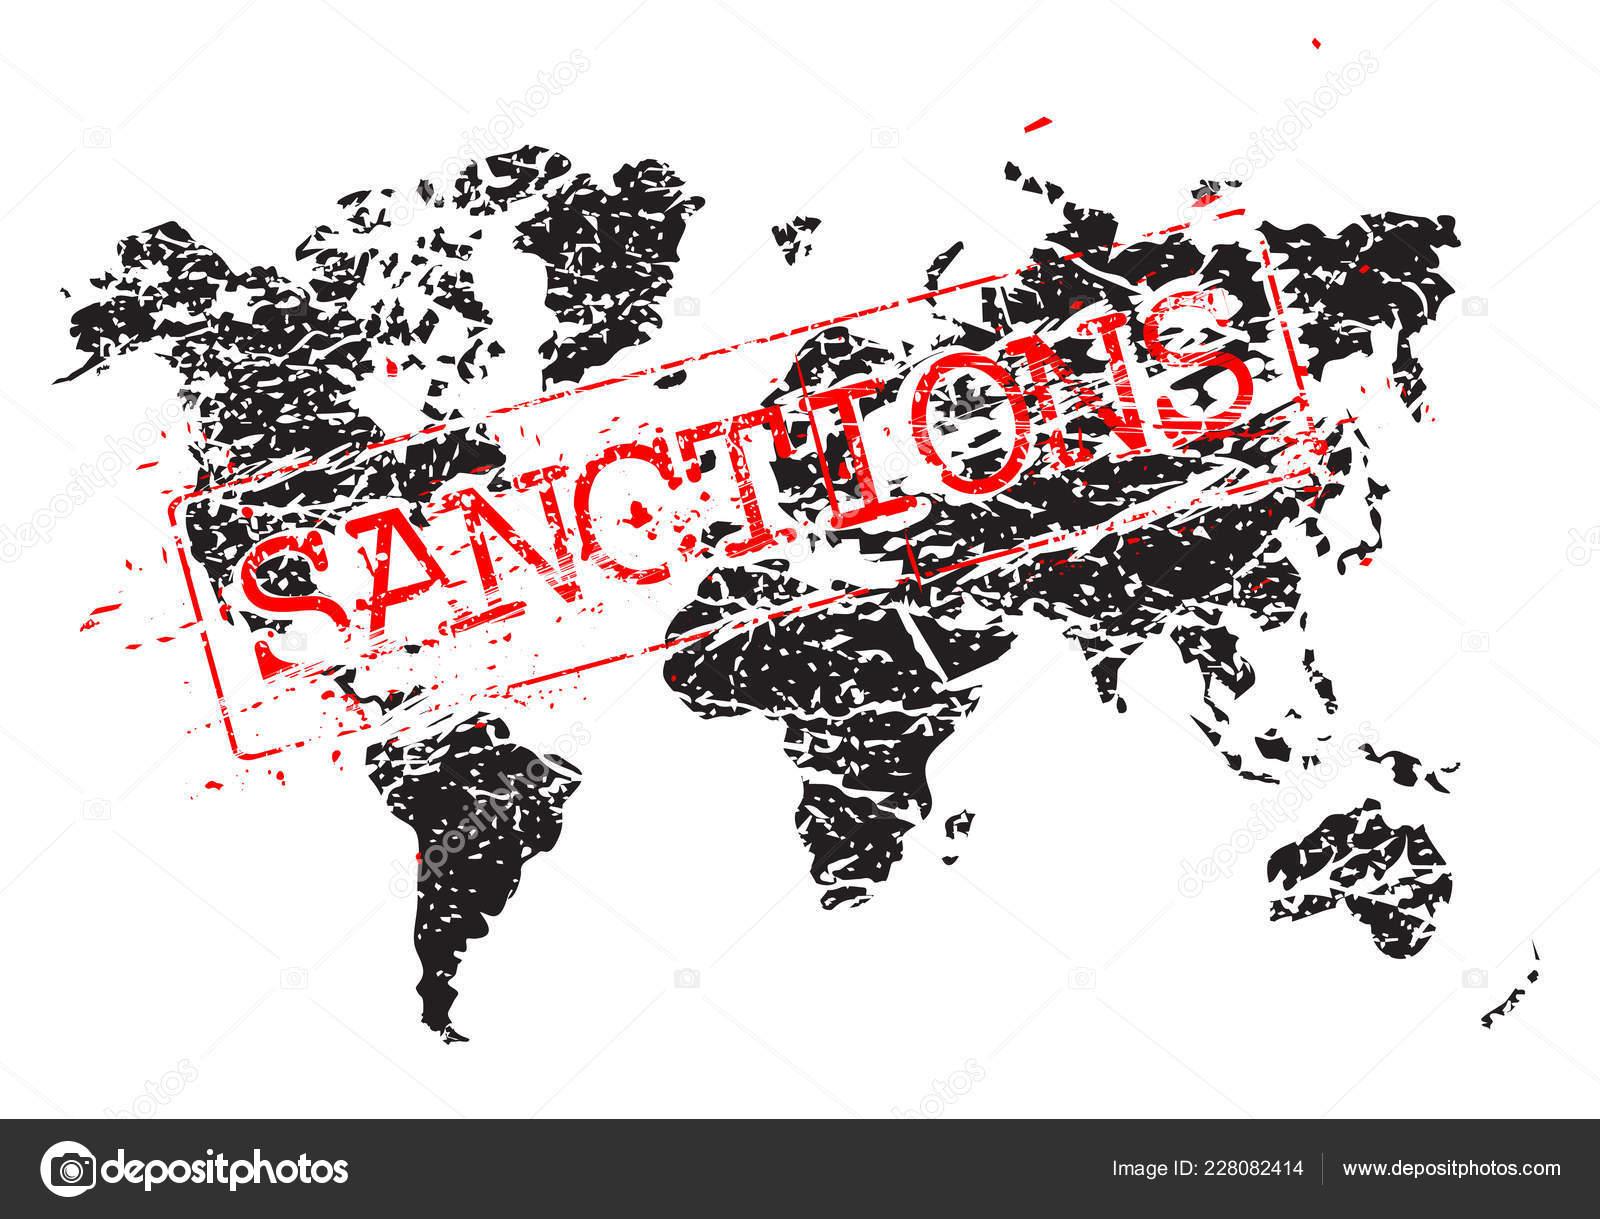 Stamp Sanctions Map Form Grunge Sloppy Shape Concept